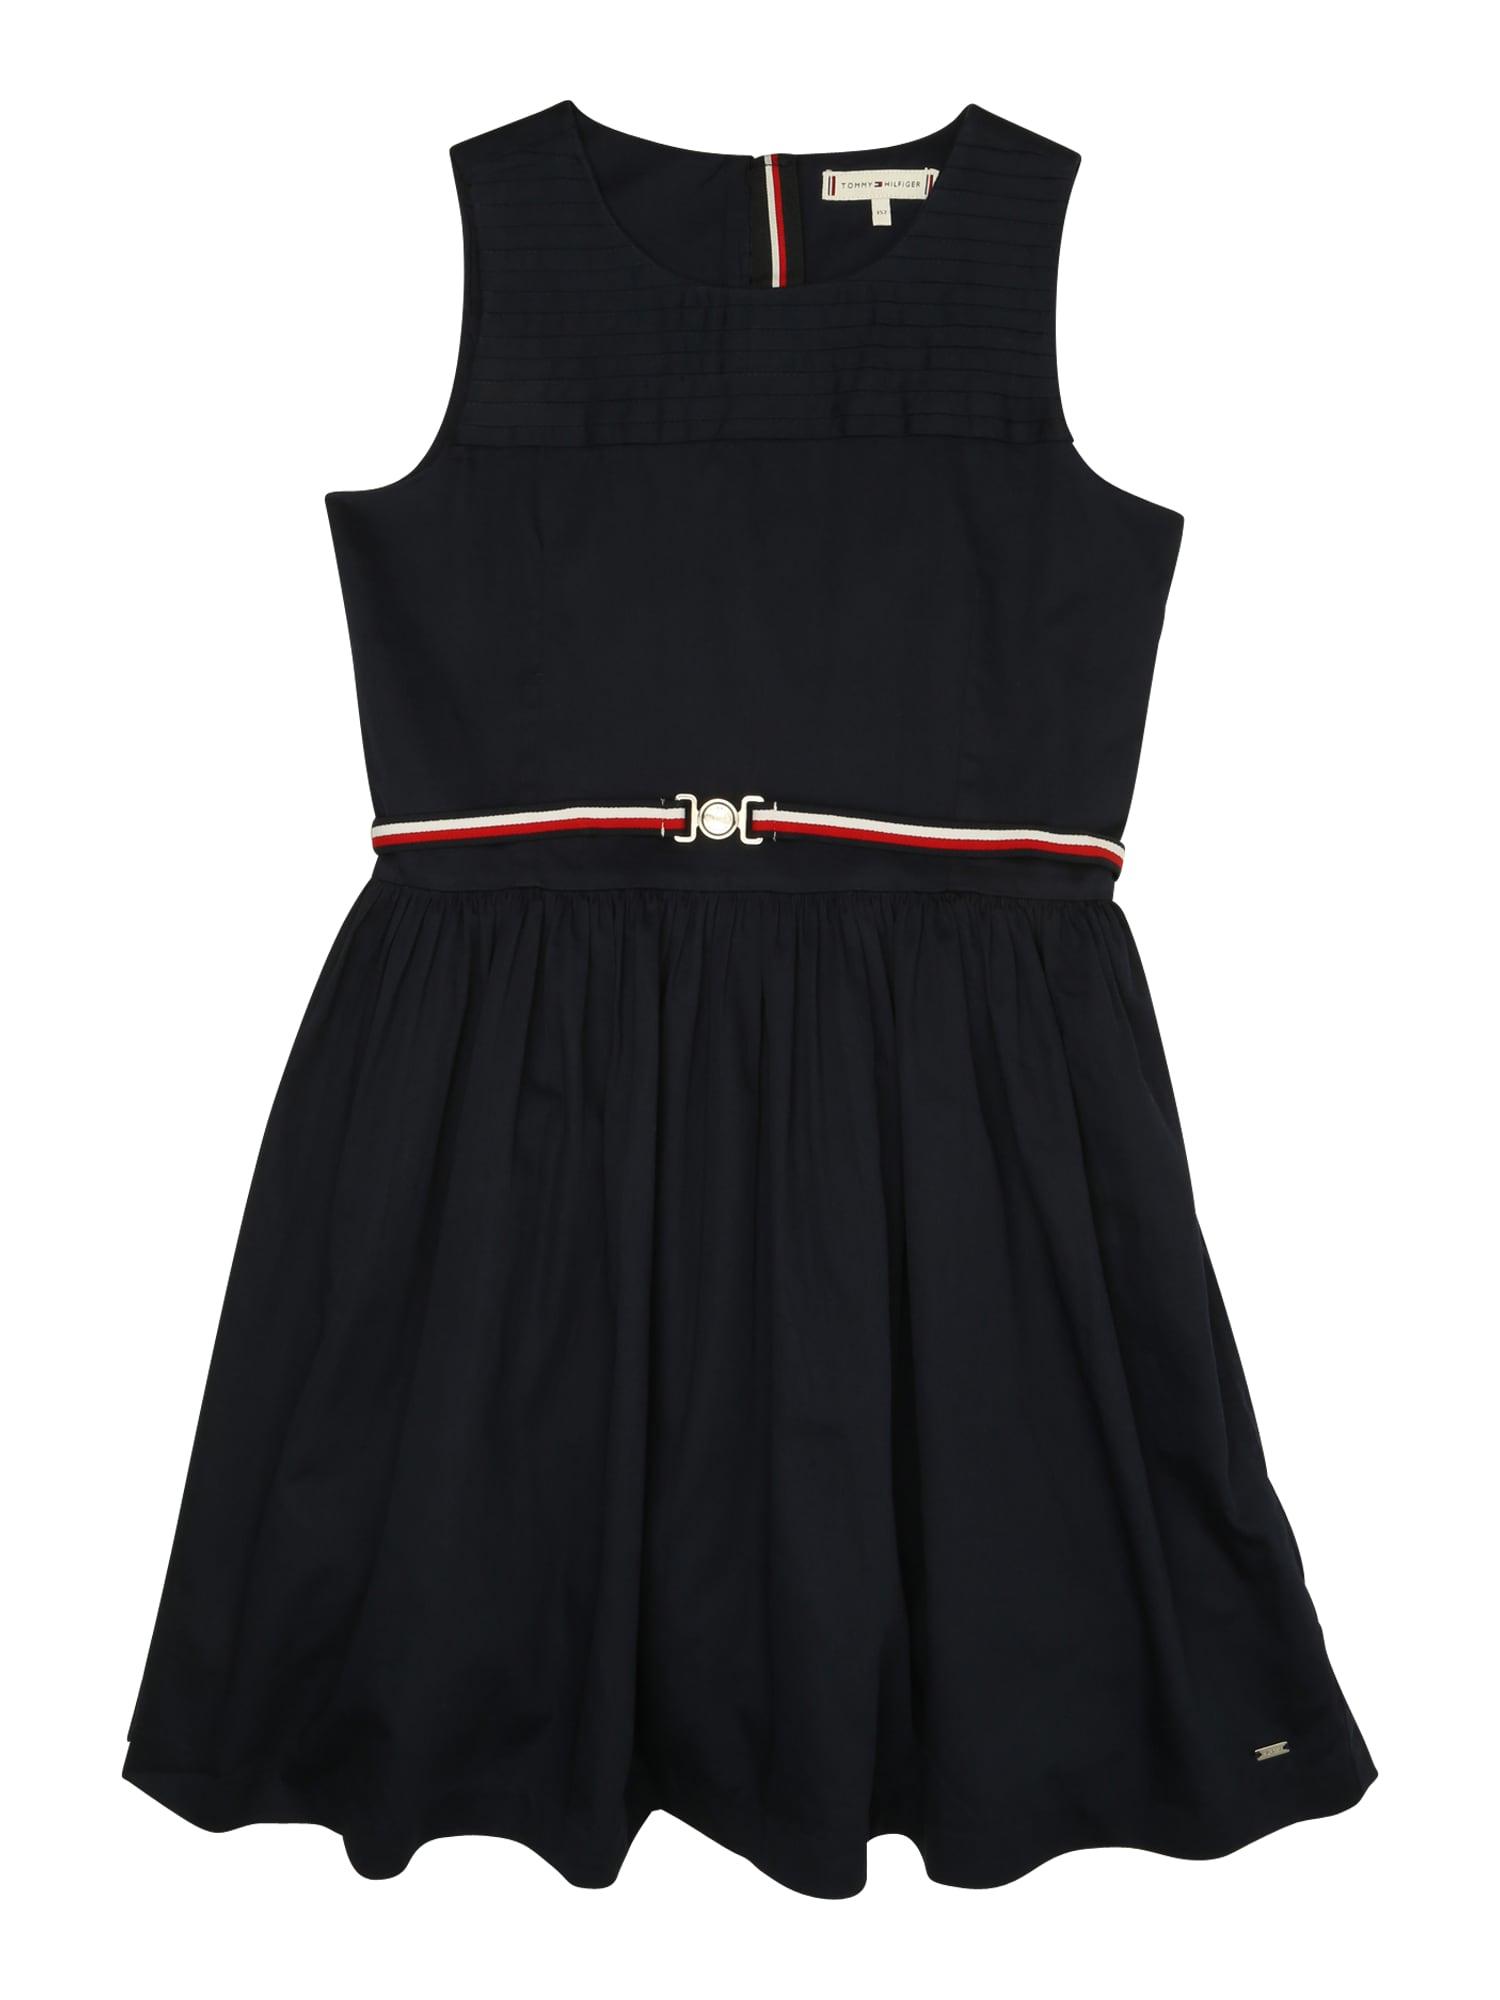 Šaty SIGNATURE PLEATS námořnická modř červená bílá TOMMY HILFIGER